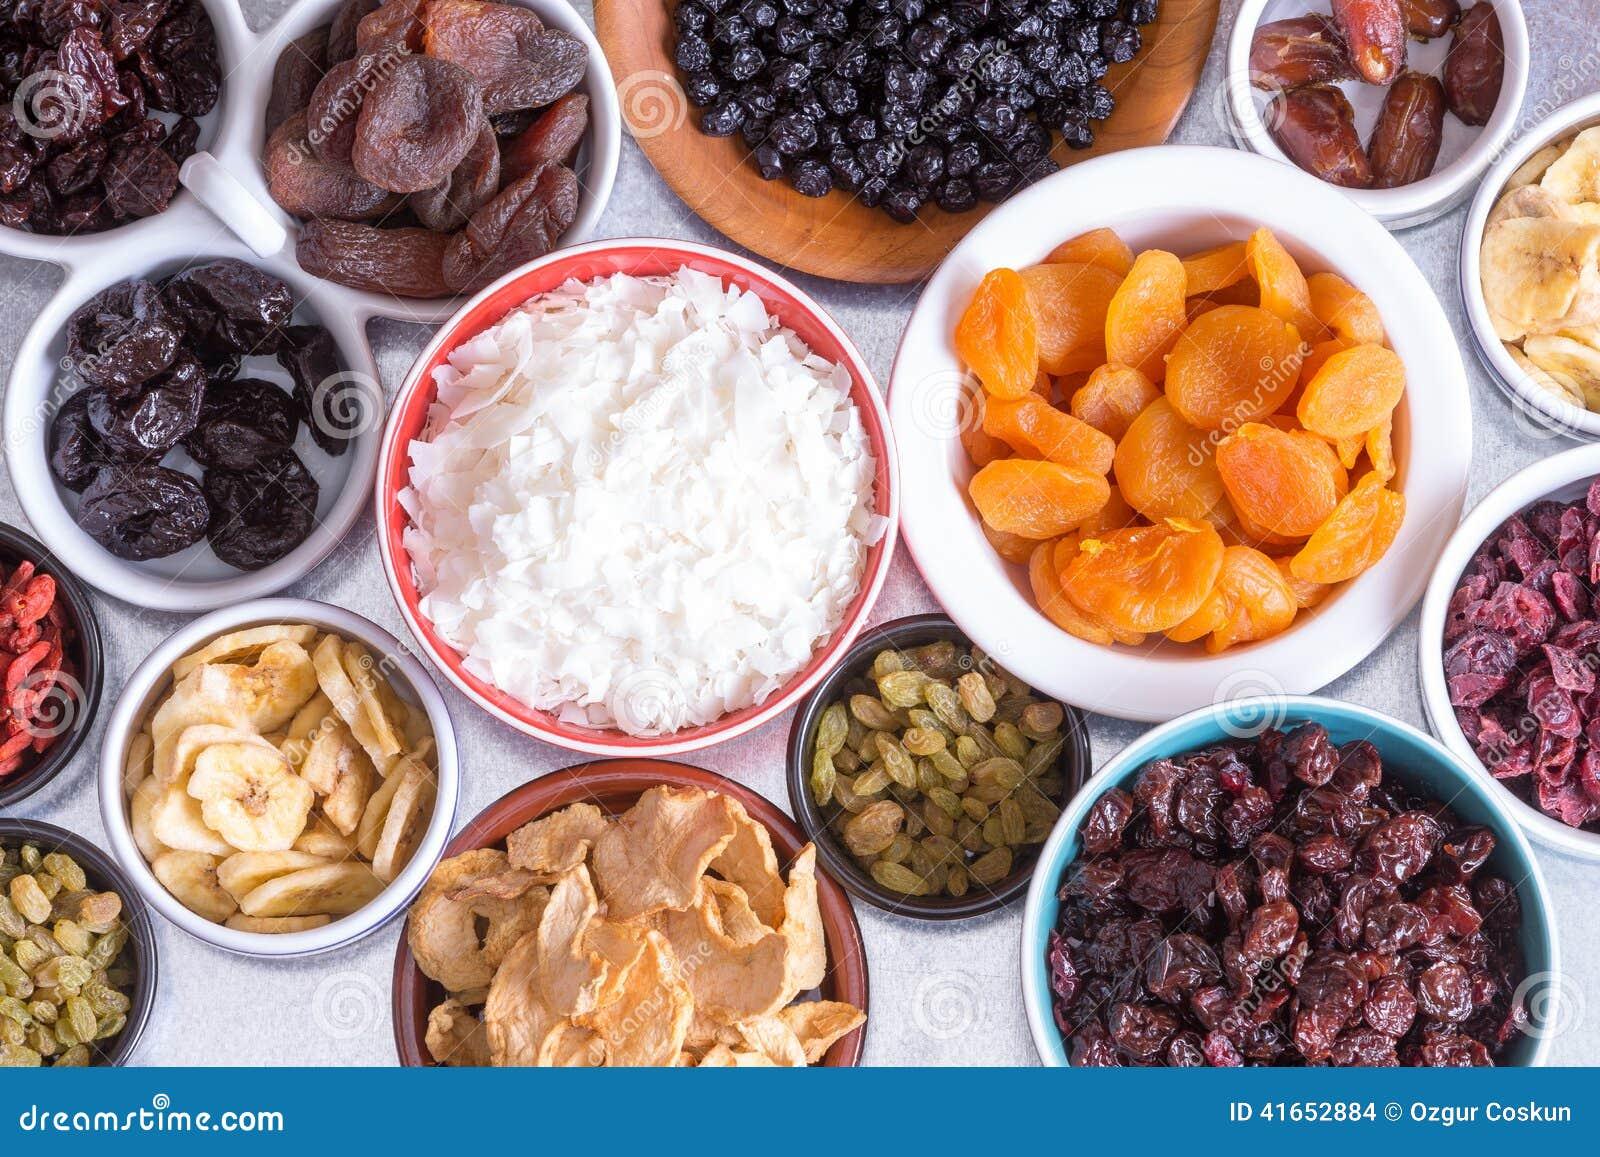 Ассортимент сухофрукта в индивидуальных блюдах